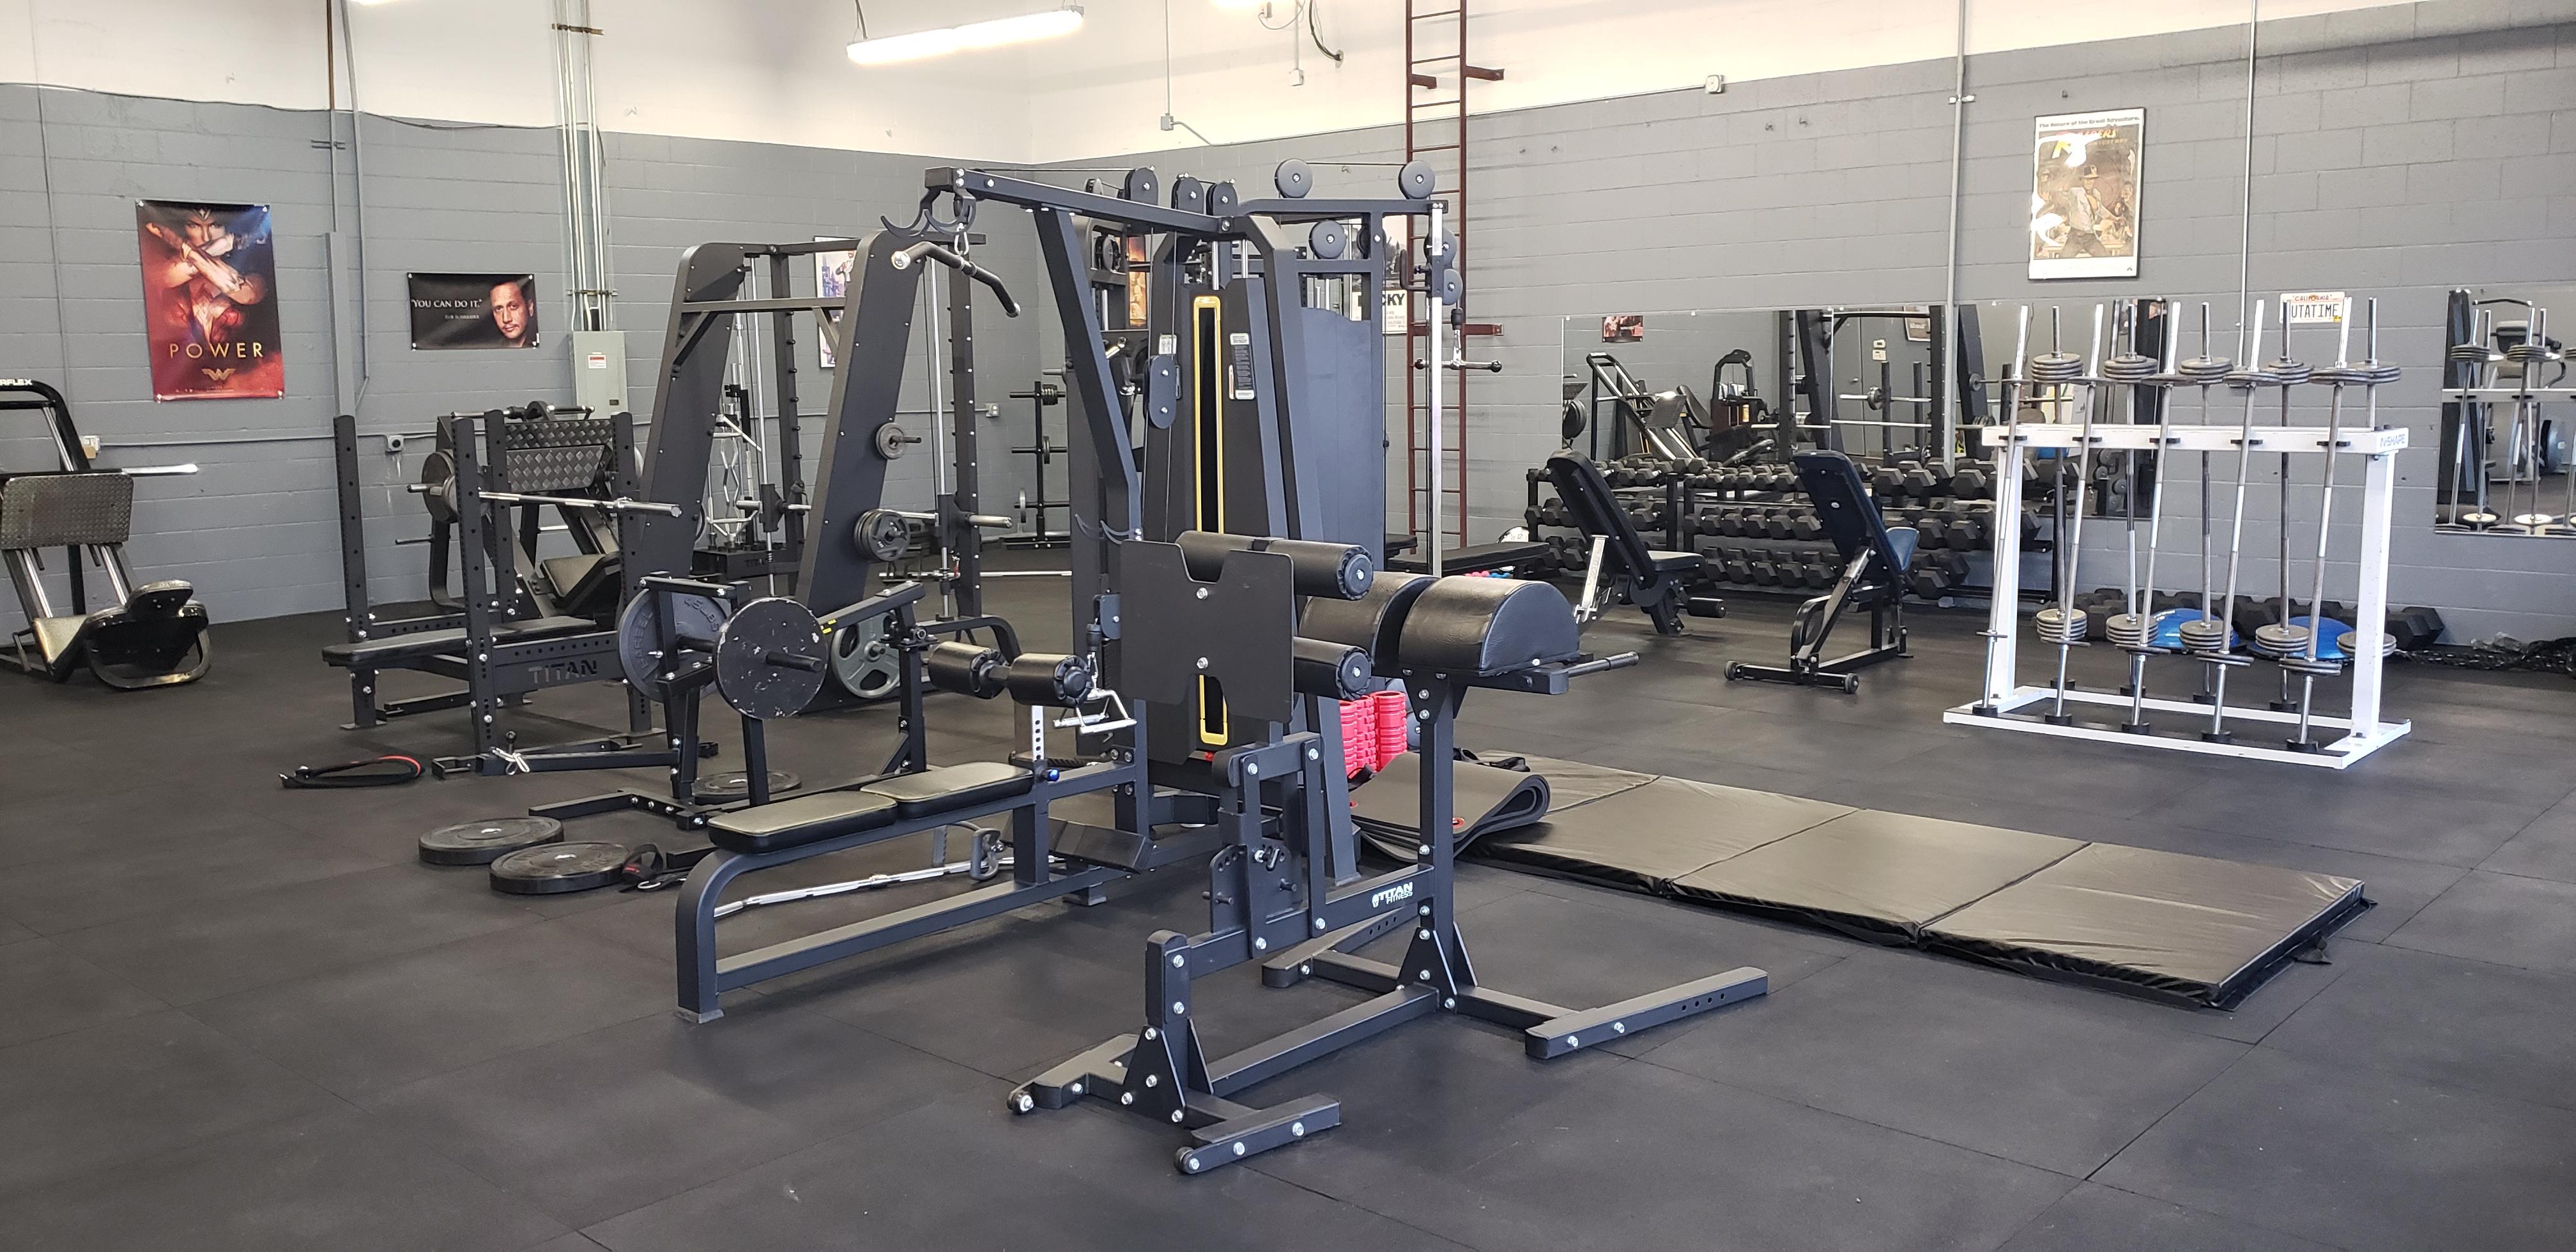 Weight machines